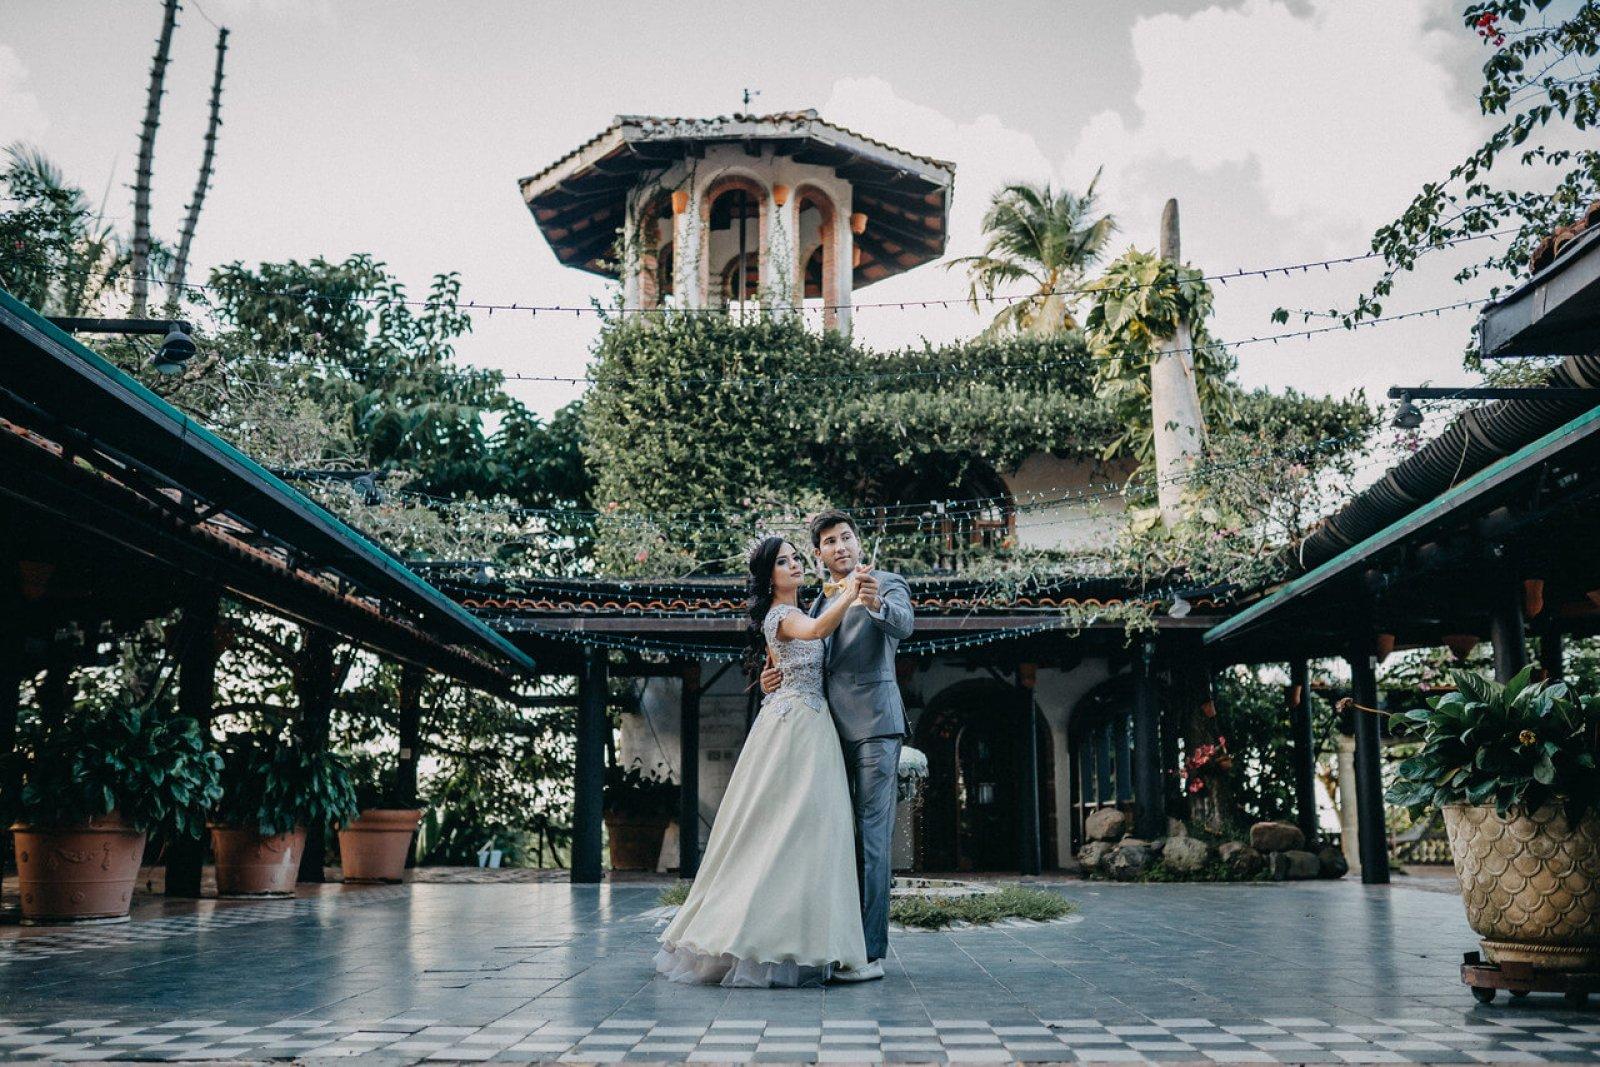 Puerto Rico S Most Enchanting Outdoor Wedding Locations Discover Puerto Rico